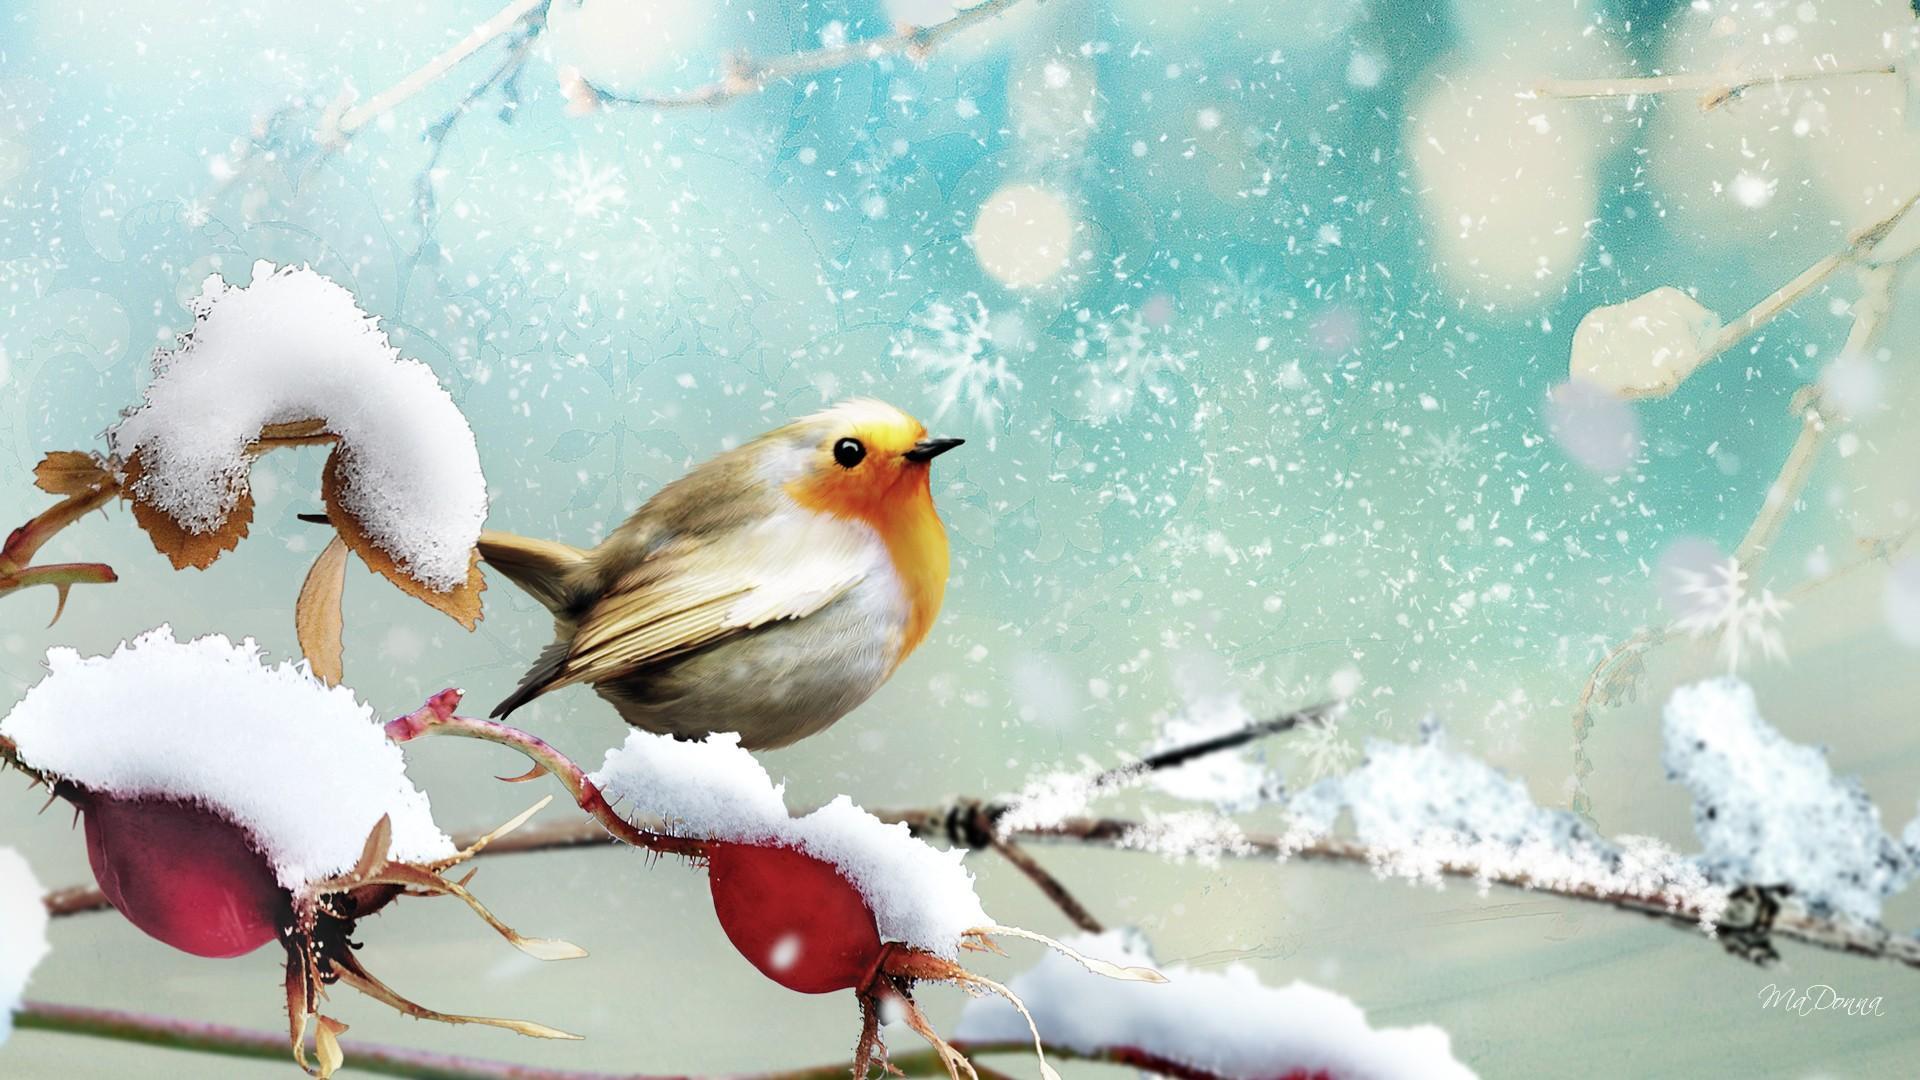 Little Winter Bird Winter Bird Desktop Backgrounds 1221639